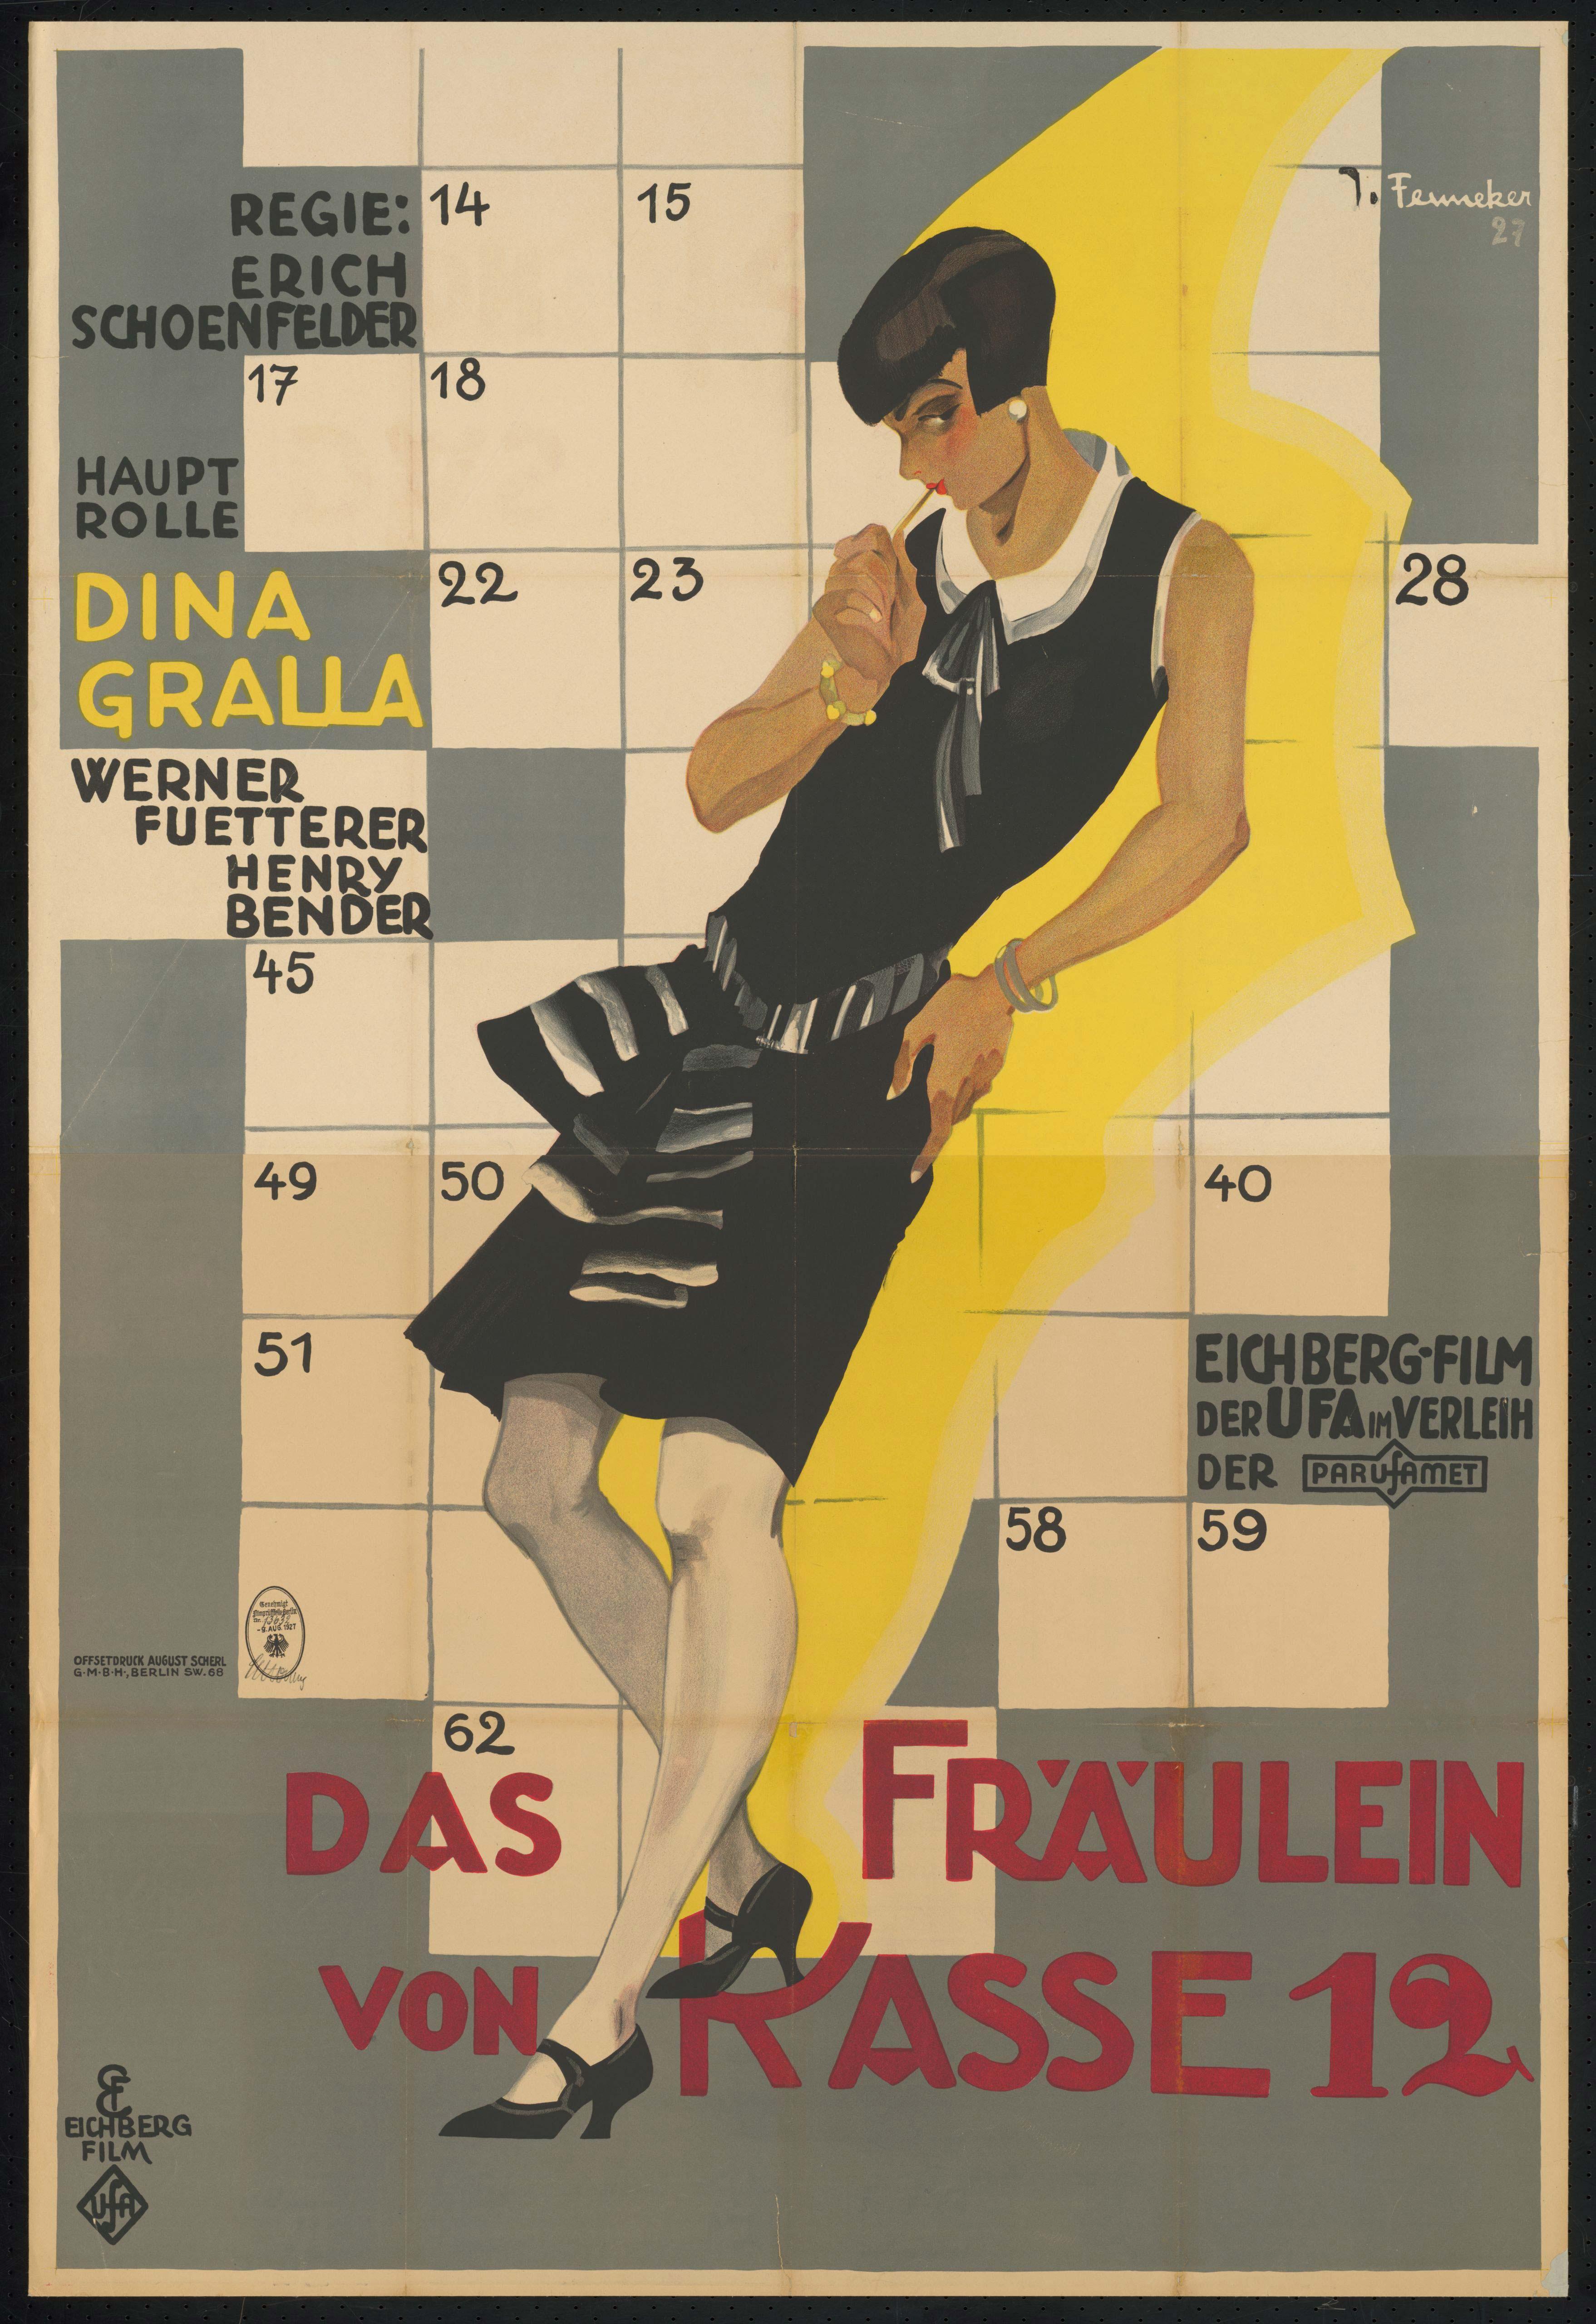 Film poster by Joef Fenneker: Das Fräulein von Kasse 12, Germany 1927, directed by Erich Schönfelder